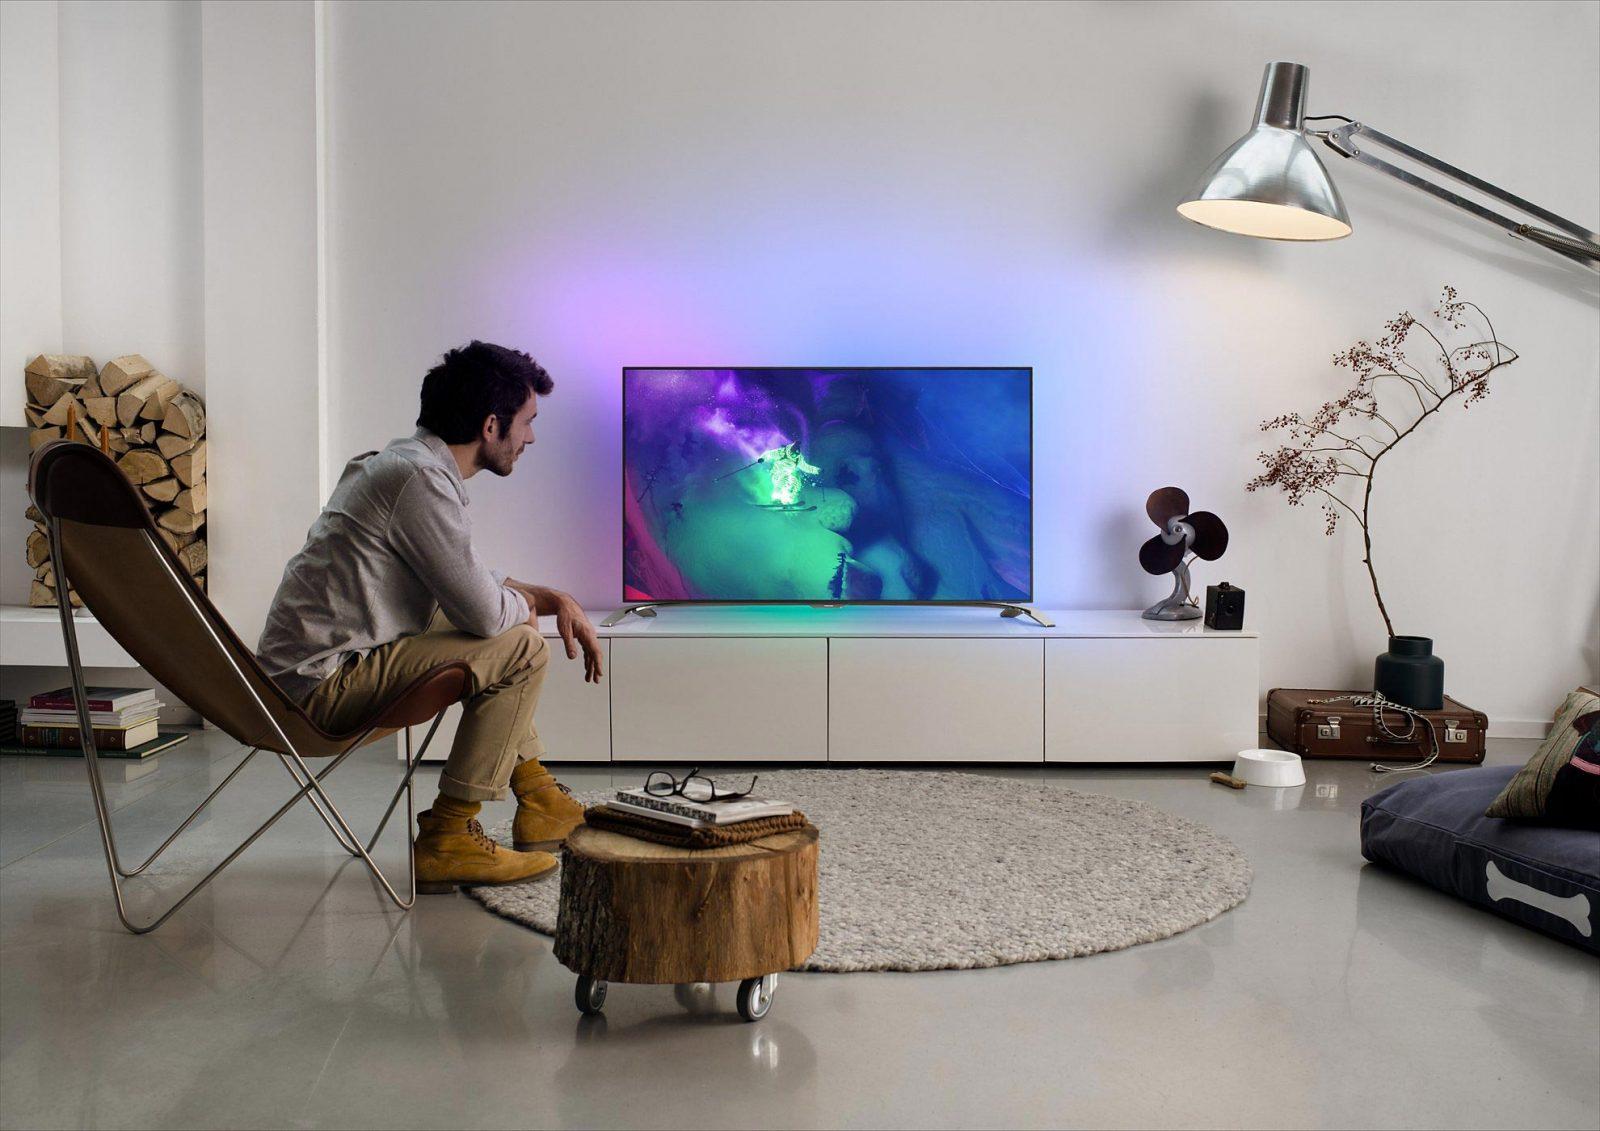 Топ 5 телевизоров с HD-картинкой до 15 тыс. рублей